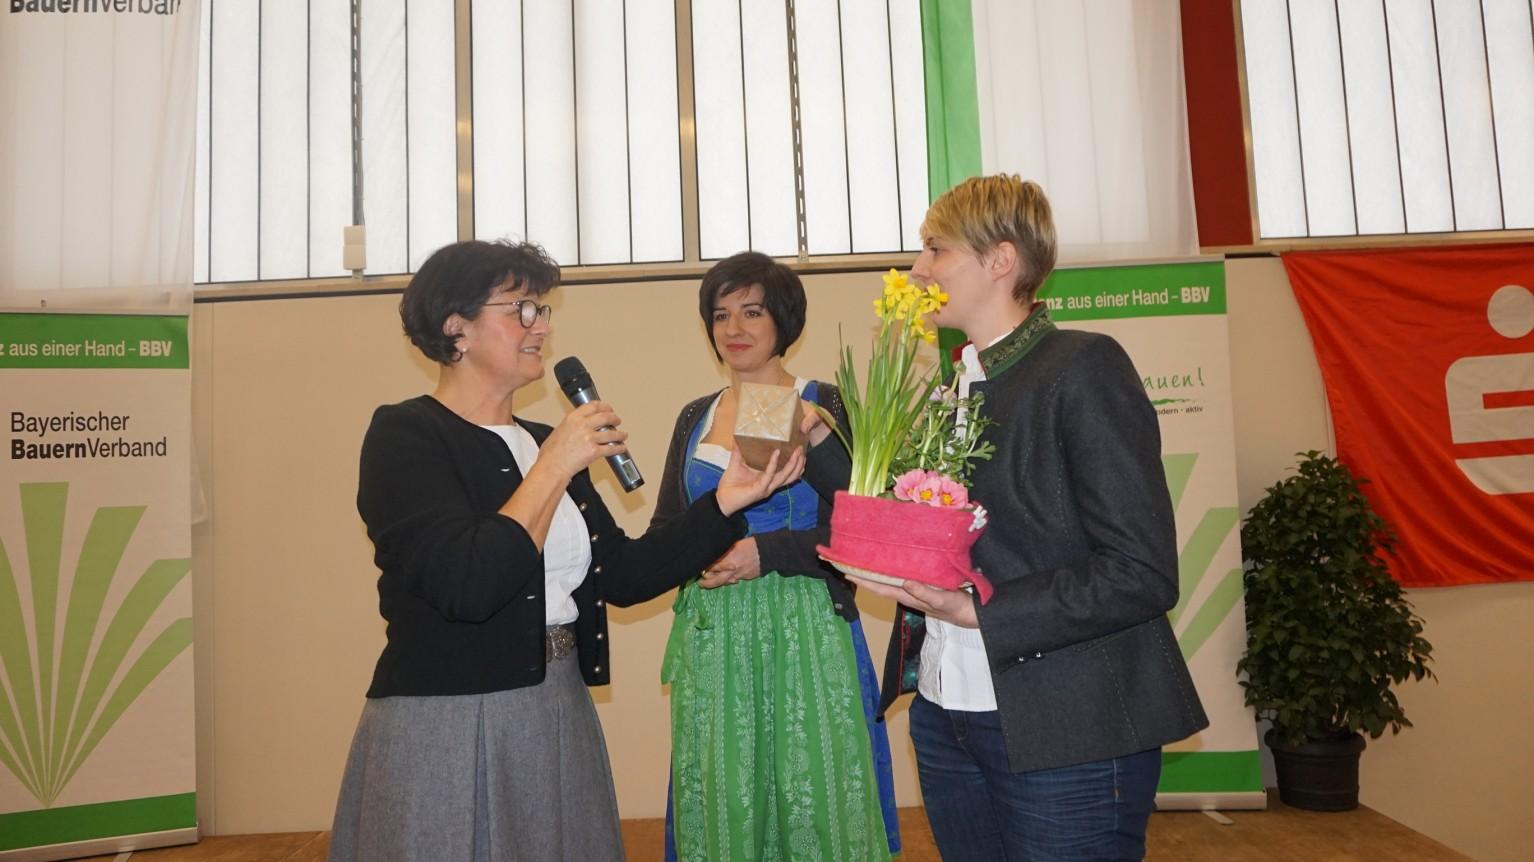 Bauernverband Schwandorf